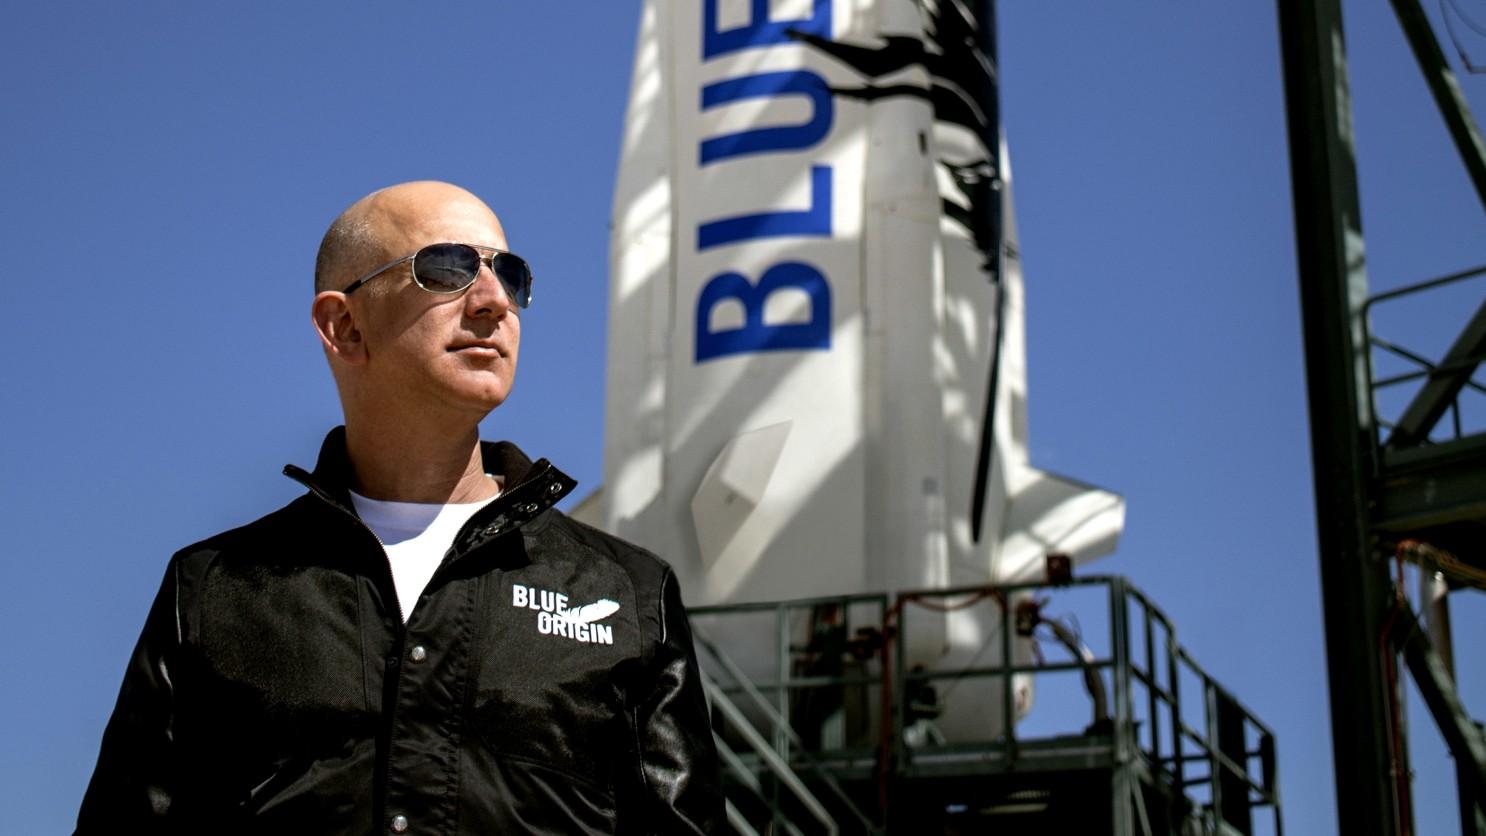 जेफ बेजोसकाे कम्पनी जुलाई २० देखि अन्तरिक्ष जाने तयारी, एक सिटकाे यस्ताे छ मूल्य